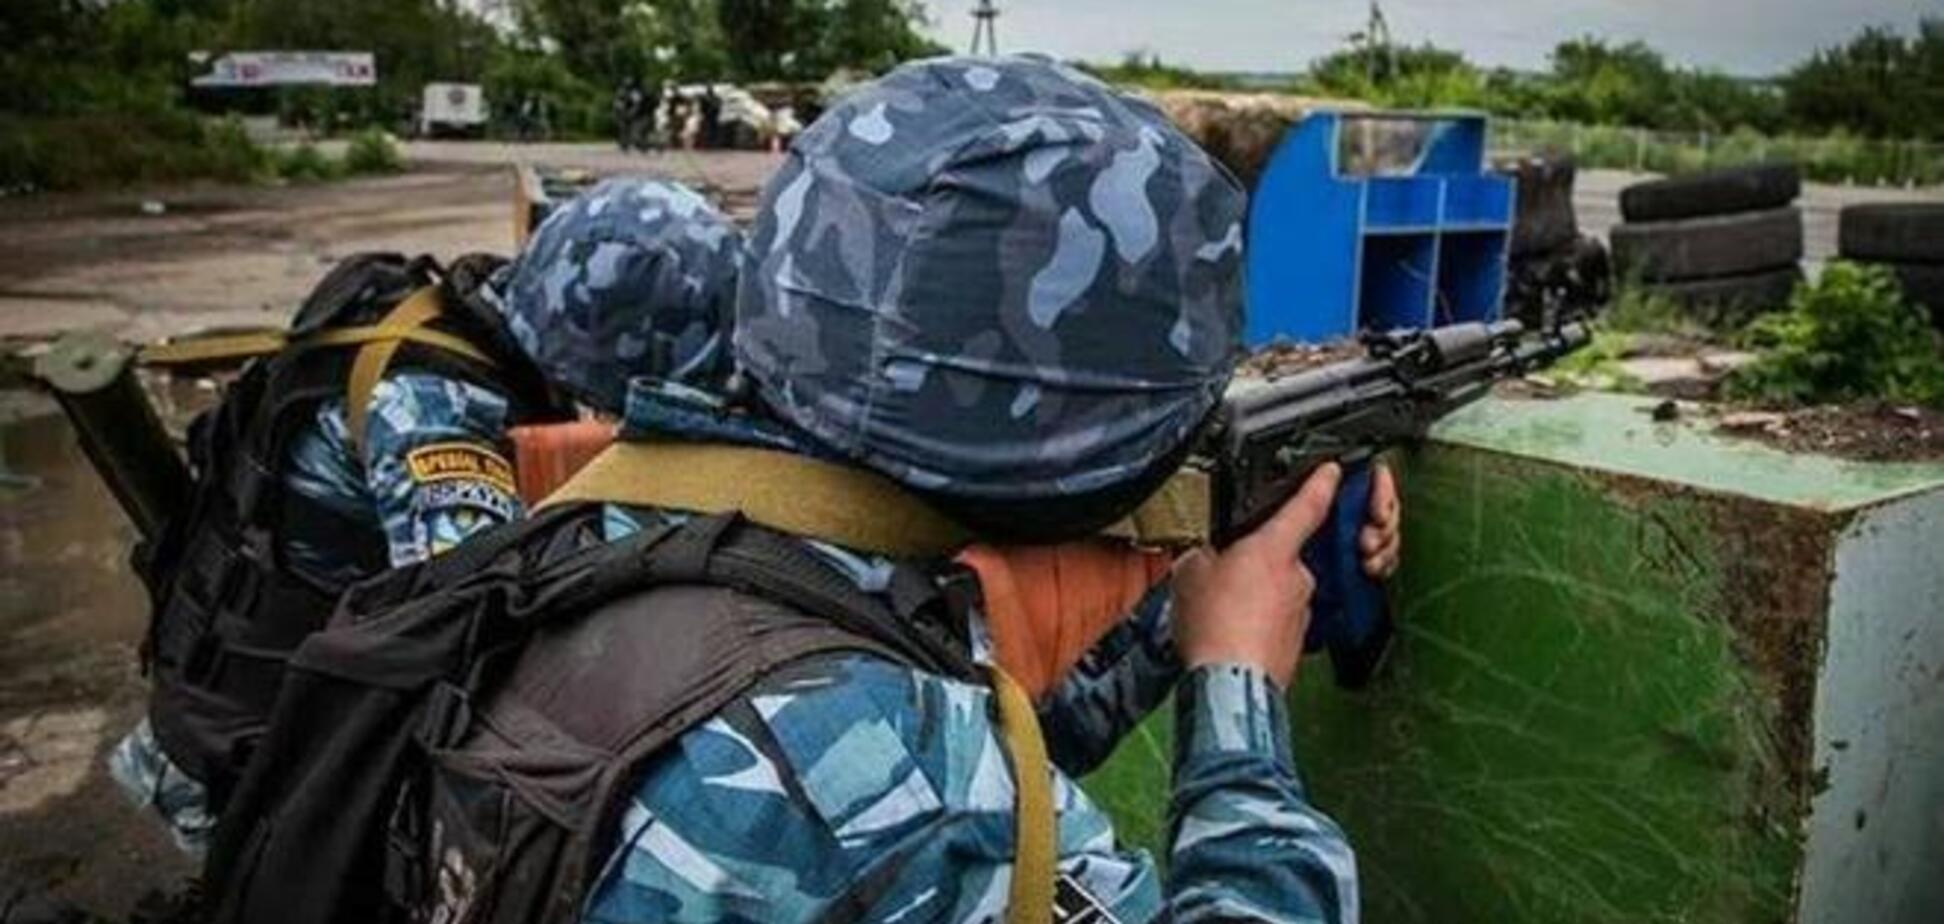 В аэропорту Луганска пожара нет, он под контролем украинских военных - ОГА